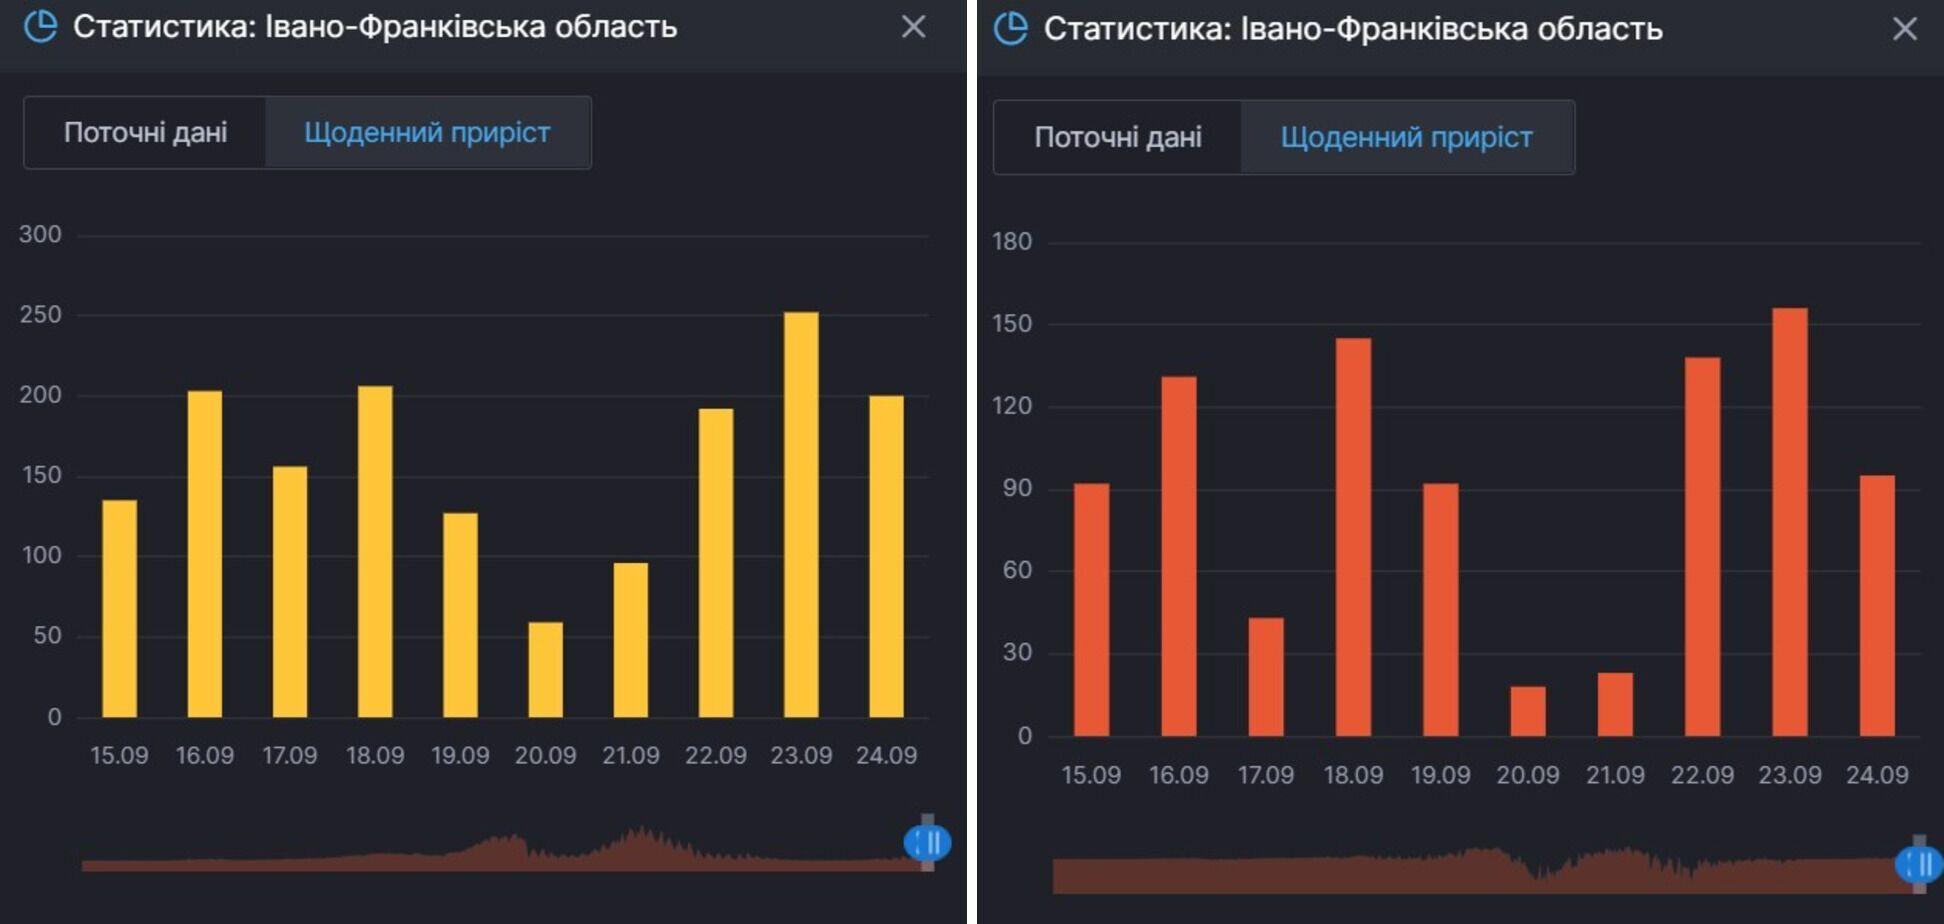 Приріст випадків й активних хворих на COVID-19 в Івано-Франківській області